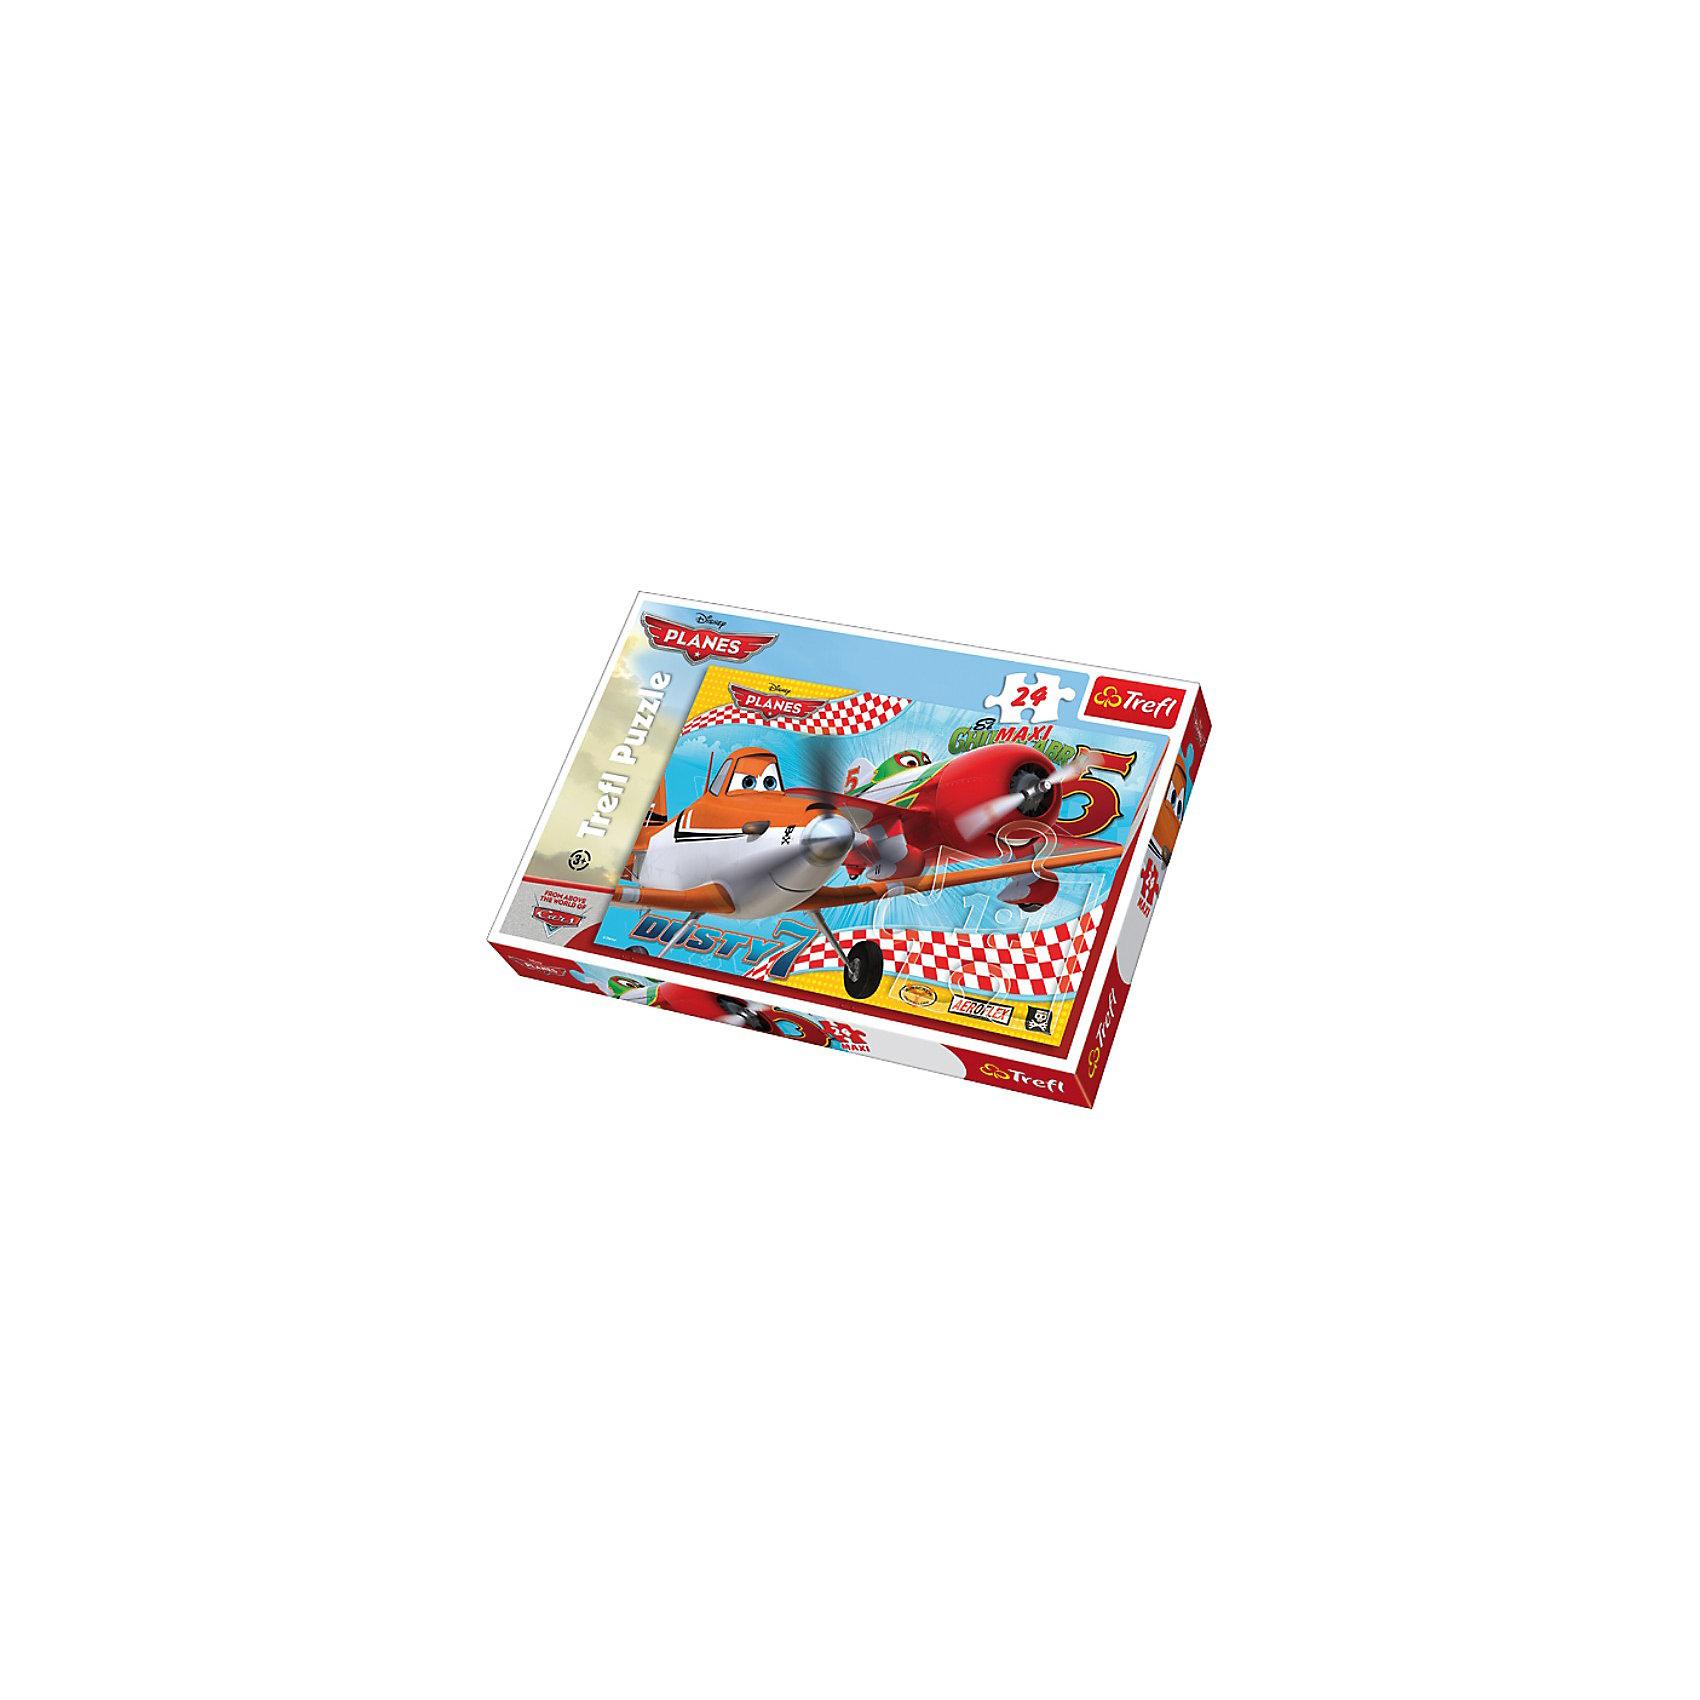 Пазлы Макси-Полет друзей, 24 элементаПазлы для малышей<br>Пазл Самолёты – Полет друзей обязательно понравится маленьким поклонникам мультфильмов студии Дисней «Самолёты» и «Тачки». В красивой коробке вы найдете 24 элемента, из которых собирается изображение героев кинокартины – двух самолетов. <br>Яркие и красочные детали мозаики изготовлены из картона и покрыты защитным слоем пластика, который позволяет им быть устойчивыми к деформации и выцветанию. Производитель пазла – польский бренд Trefl, специализирующийся на мозаиках и настольных играх для детей и взрослых.<br><br>Ширина мм: 270<br>Глубина мм: 398<br>Высота мм: 48<br>Вес г: 634<br>Возраст от месяцев: 48<br>Возраст до месяцев: 72<br>Пол: Мужской<br>Возраст: Детский<br>Количество деталей: 24<br>SKU: 3306055